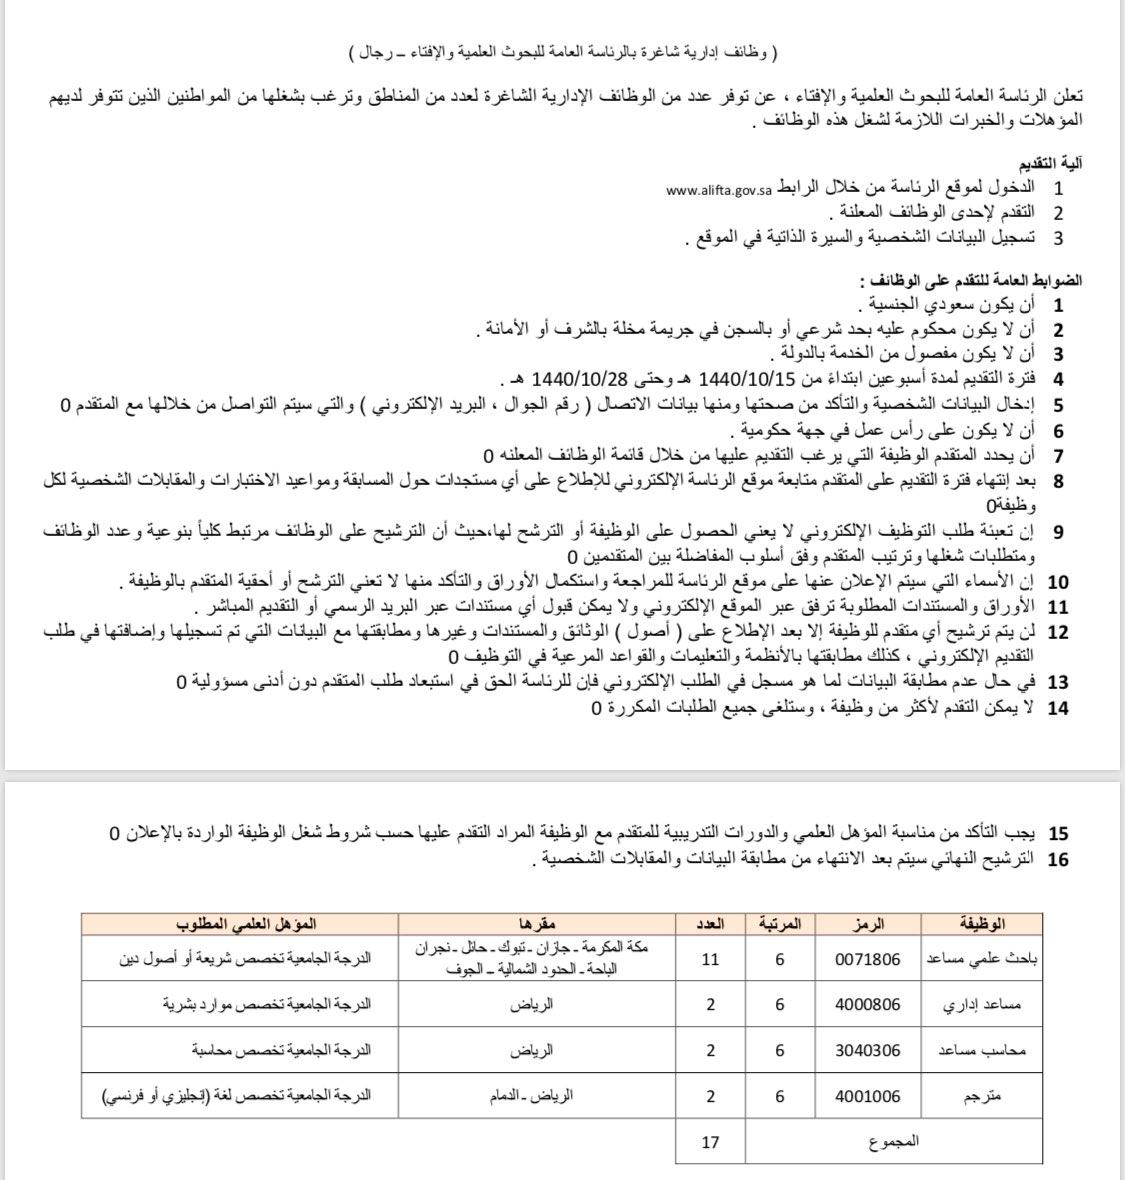 وظائف الرئاسة العامة للبحوث العلمية والإفتاء